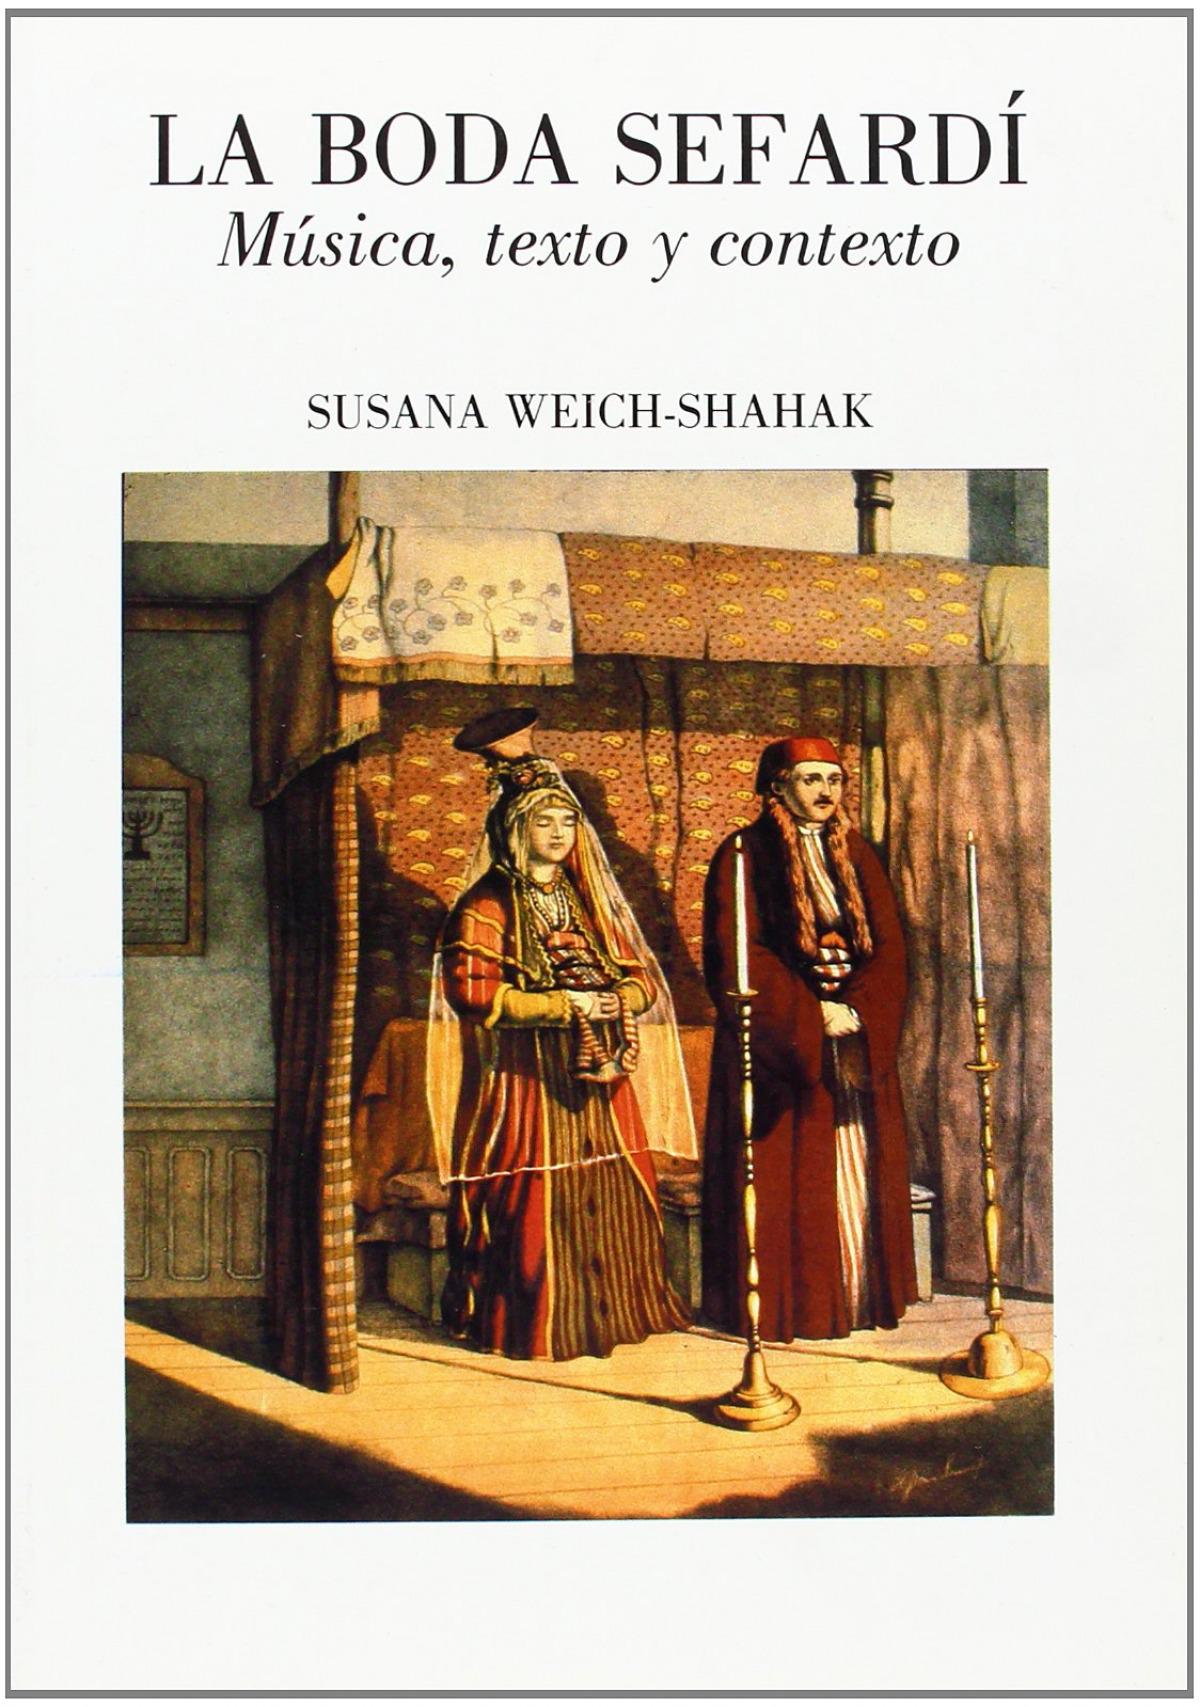 La boda sefardí